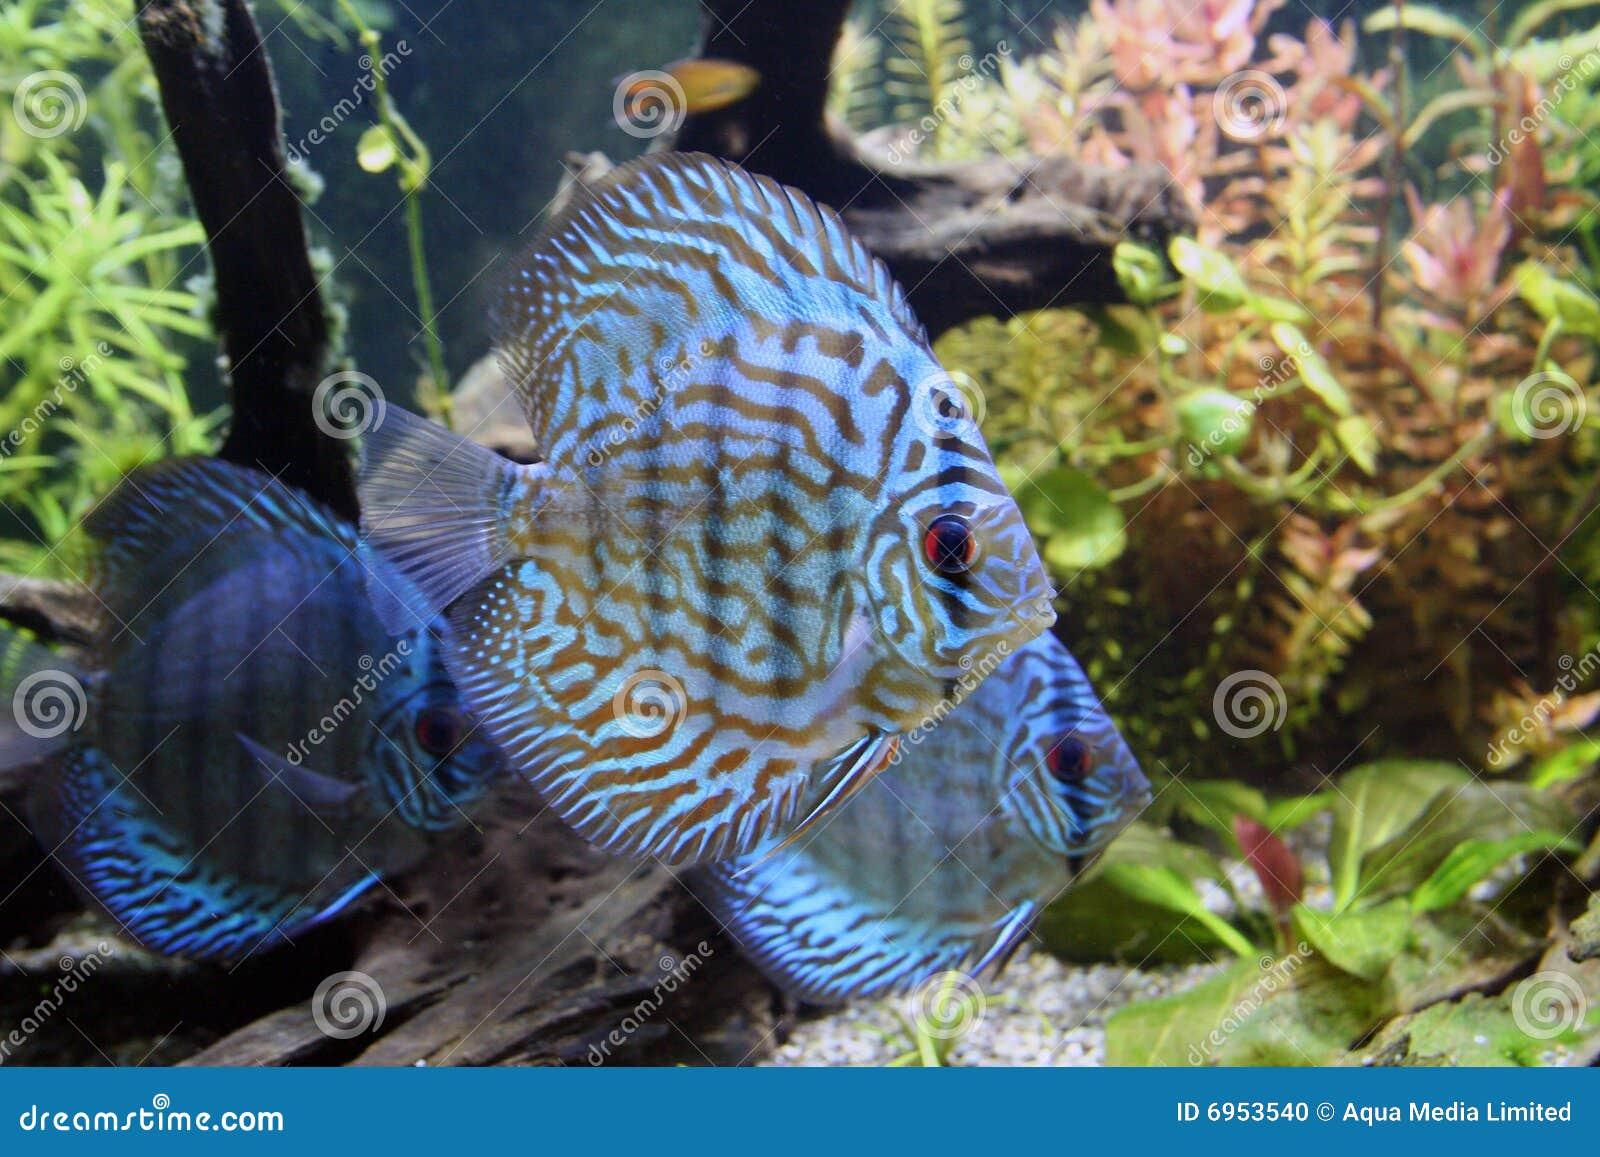 Blue discus aquarium fish stock photo image 6953540 for Blue fish aquarium